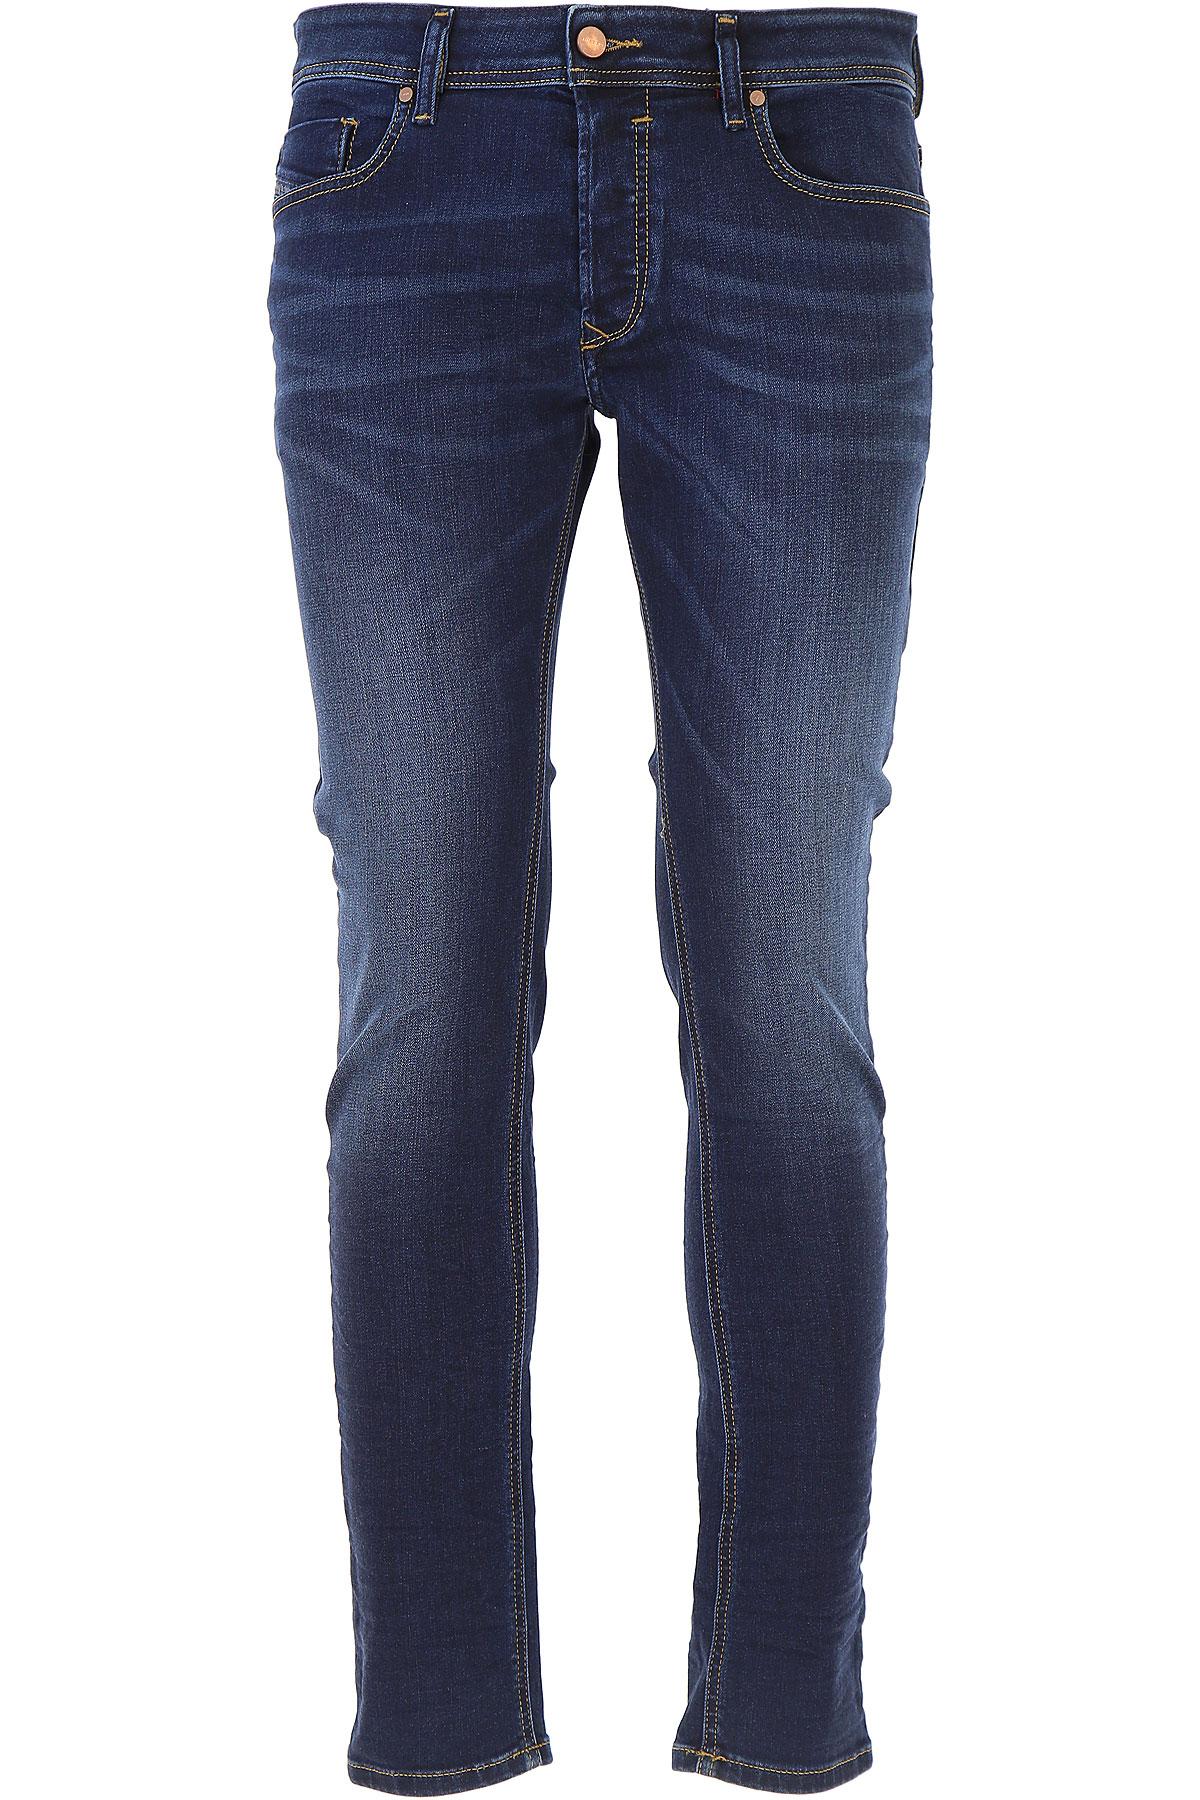 Diesel Jeans On Sale, Dark Blue, Cotton, 2017, 29 30 31 32